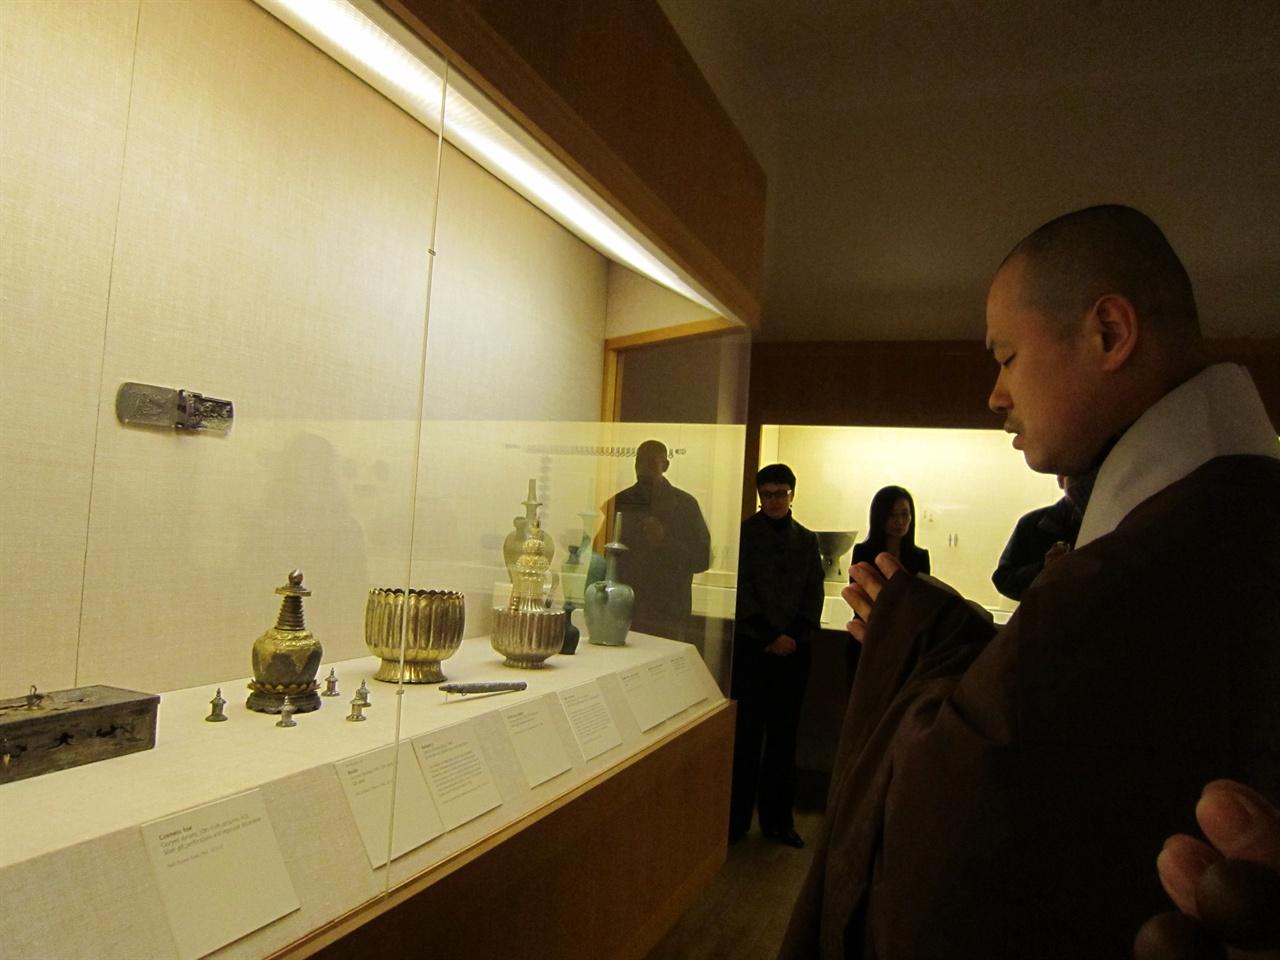 보스턴 미술관 라마탑형 사리구 방문조사 당시(2011년) 조계종 승려였던 문화재제자리찾기 혜문 대표가 회암사지에서 반출됐다고 추정되는 사리를 예경하고있다.